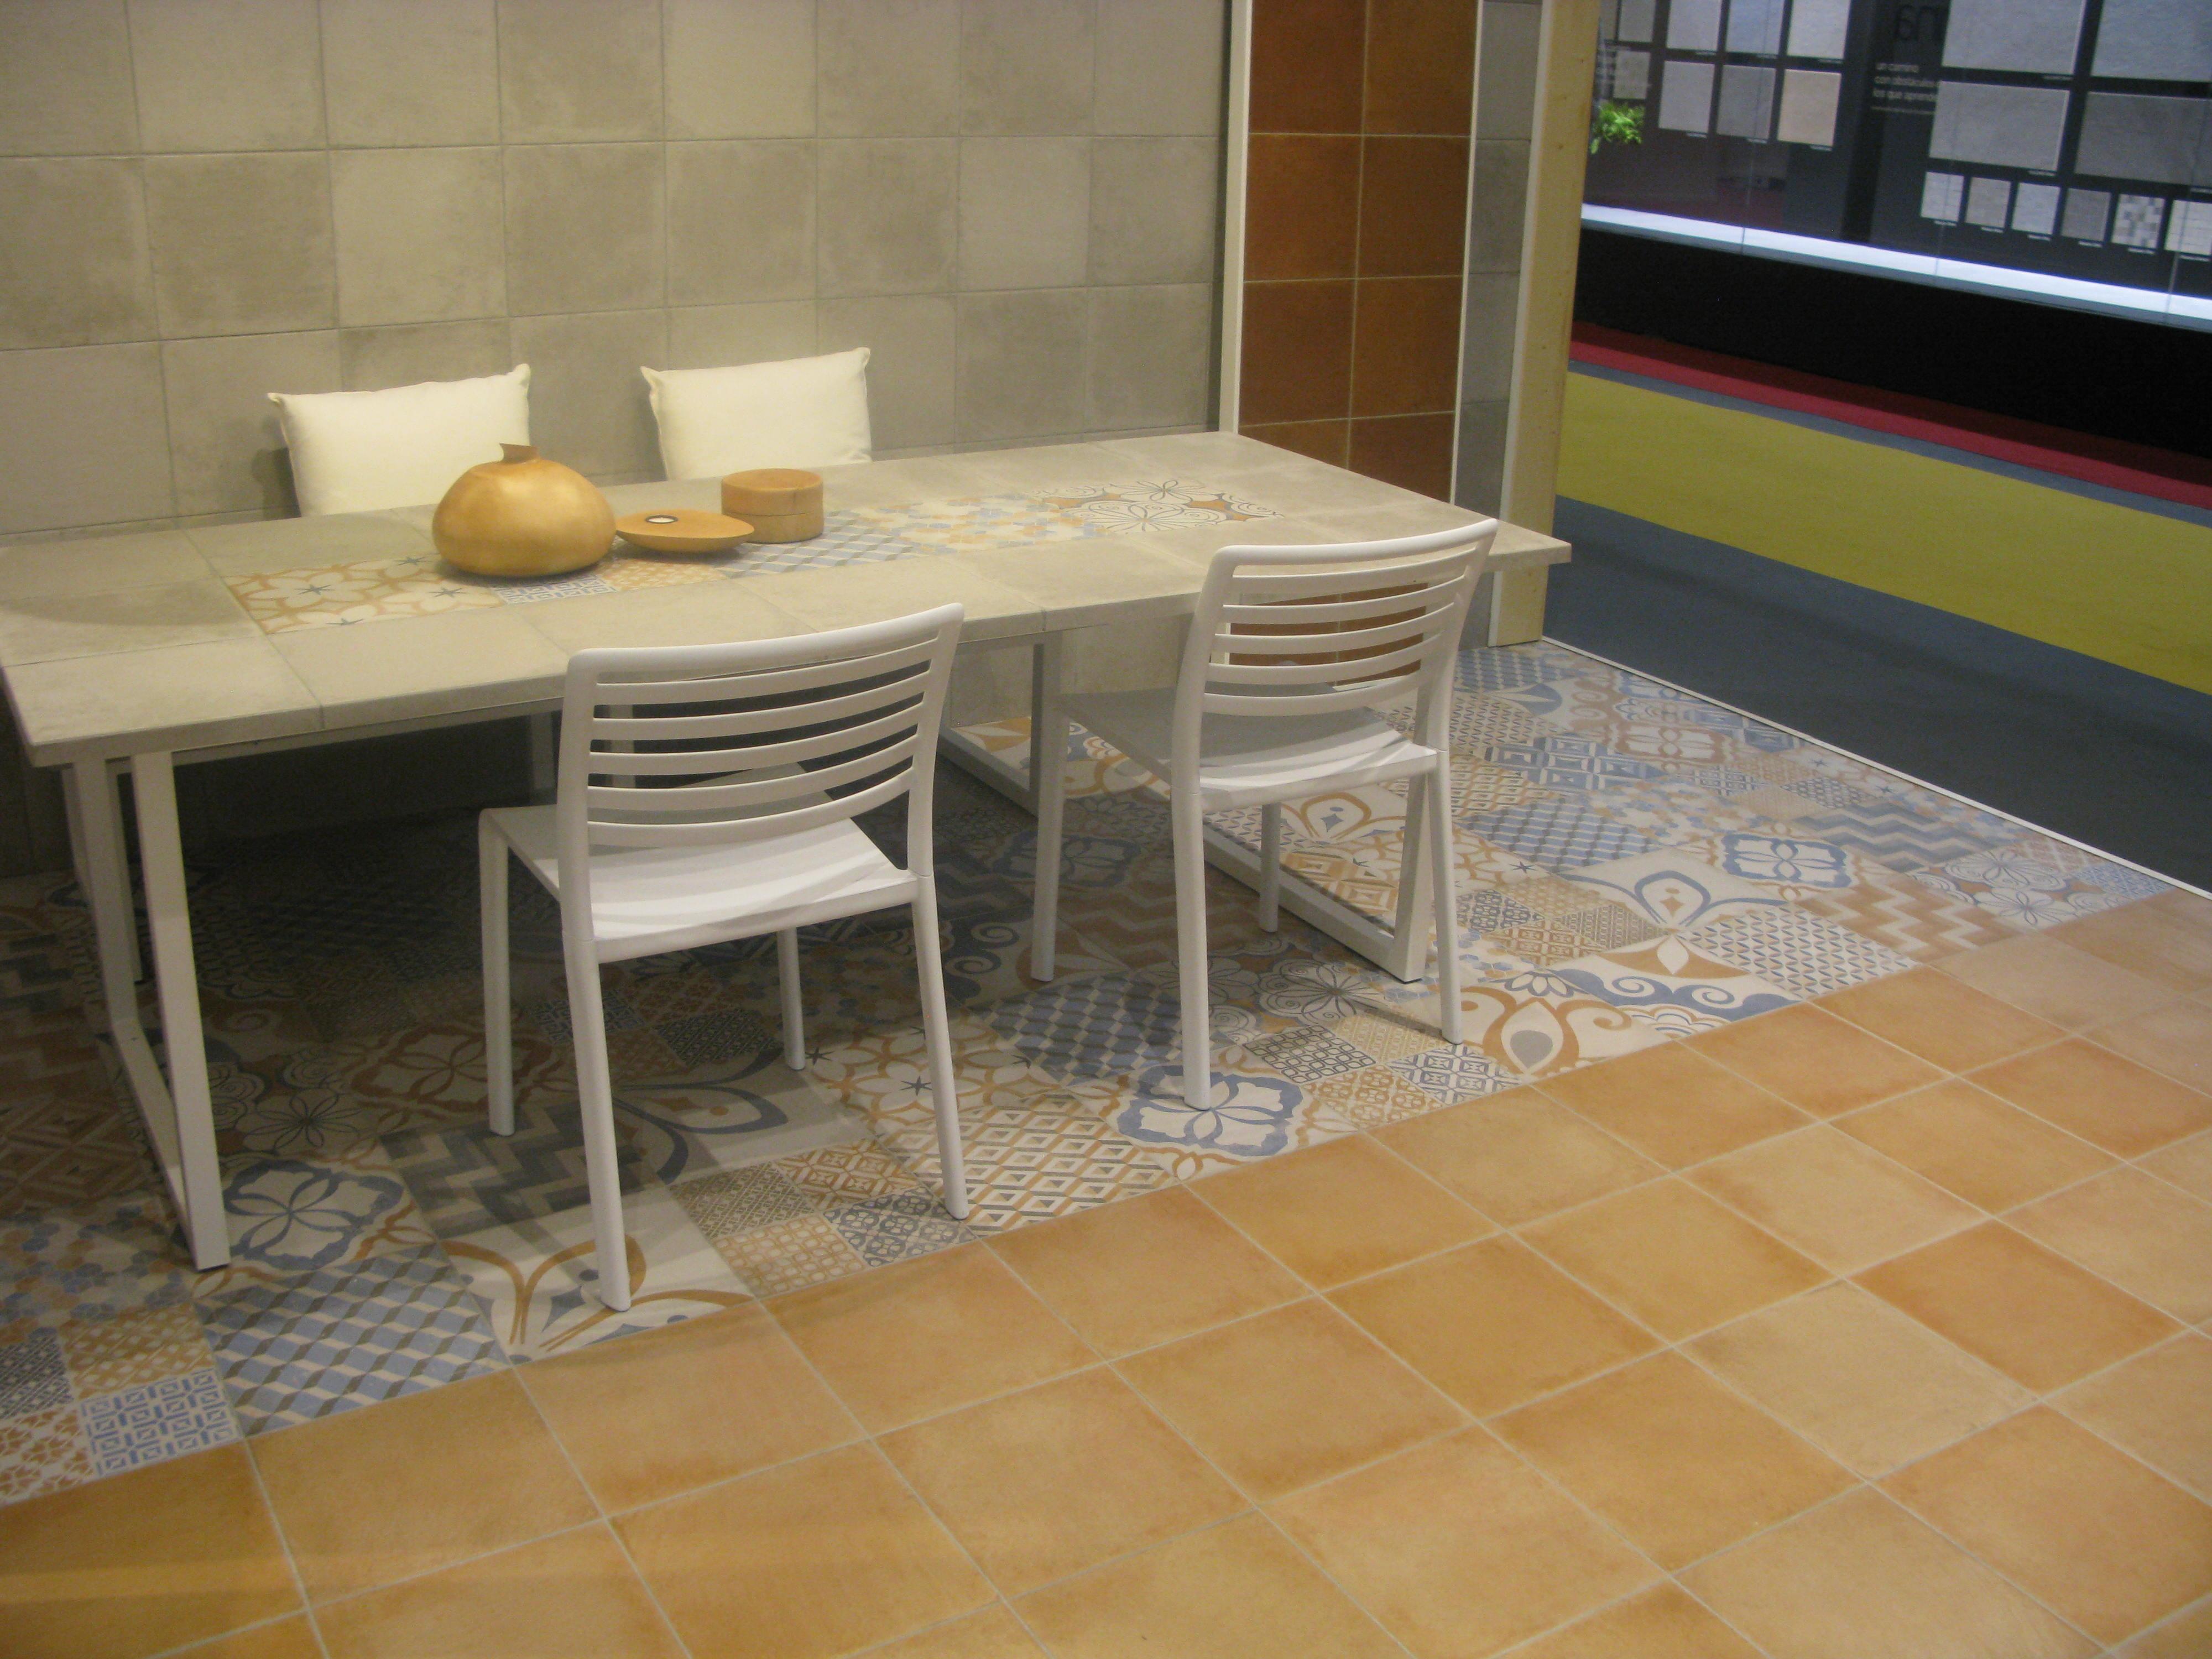 Bellacasa ceramica carrelage sol terre cuite carrelage sol for Carrelage sol terre cuite